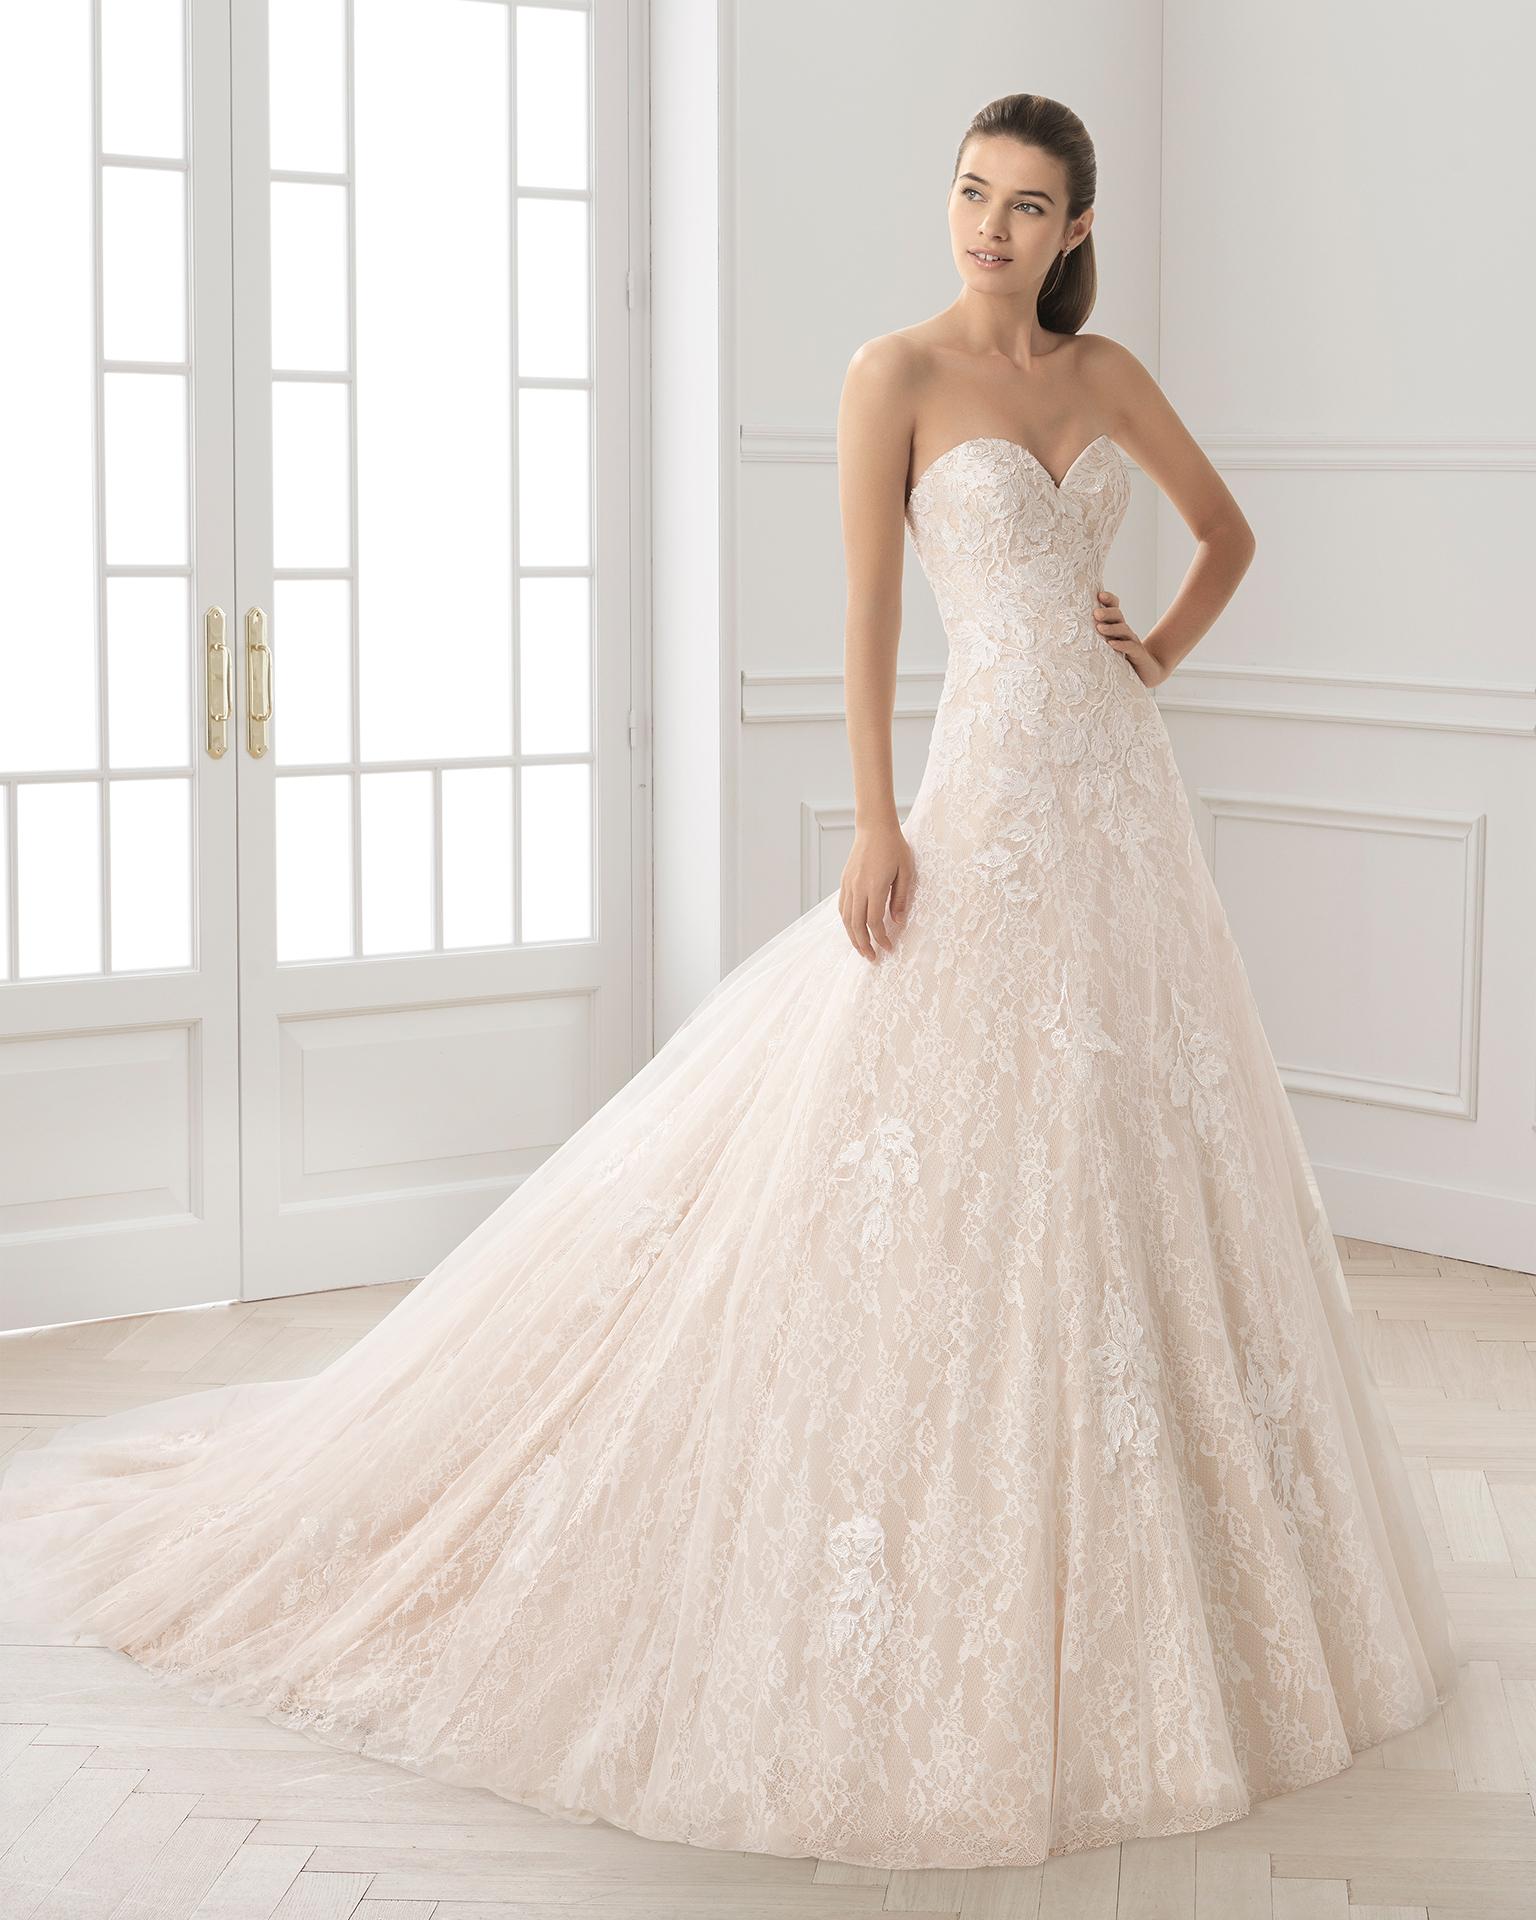 Vestido de novia estilo romántico en encaje con escote corazón en color nude y en natural.